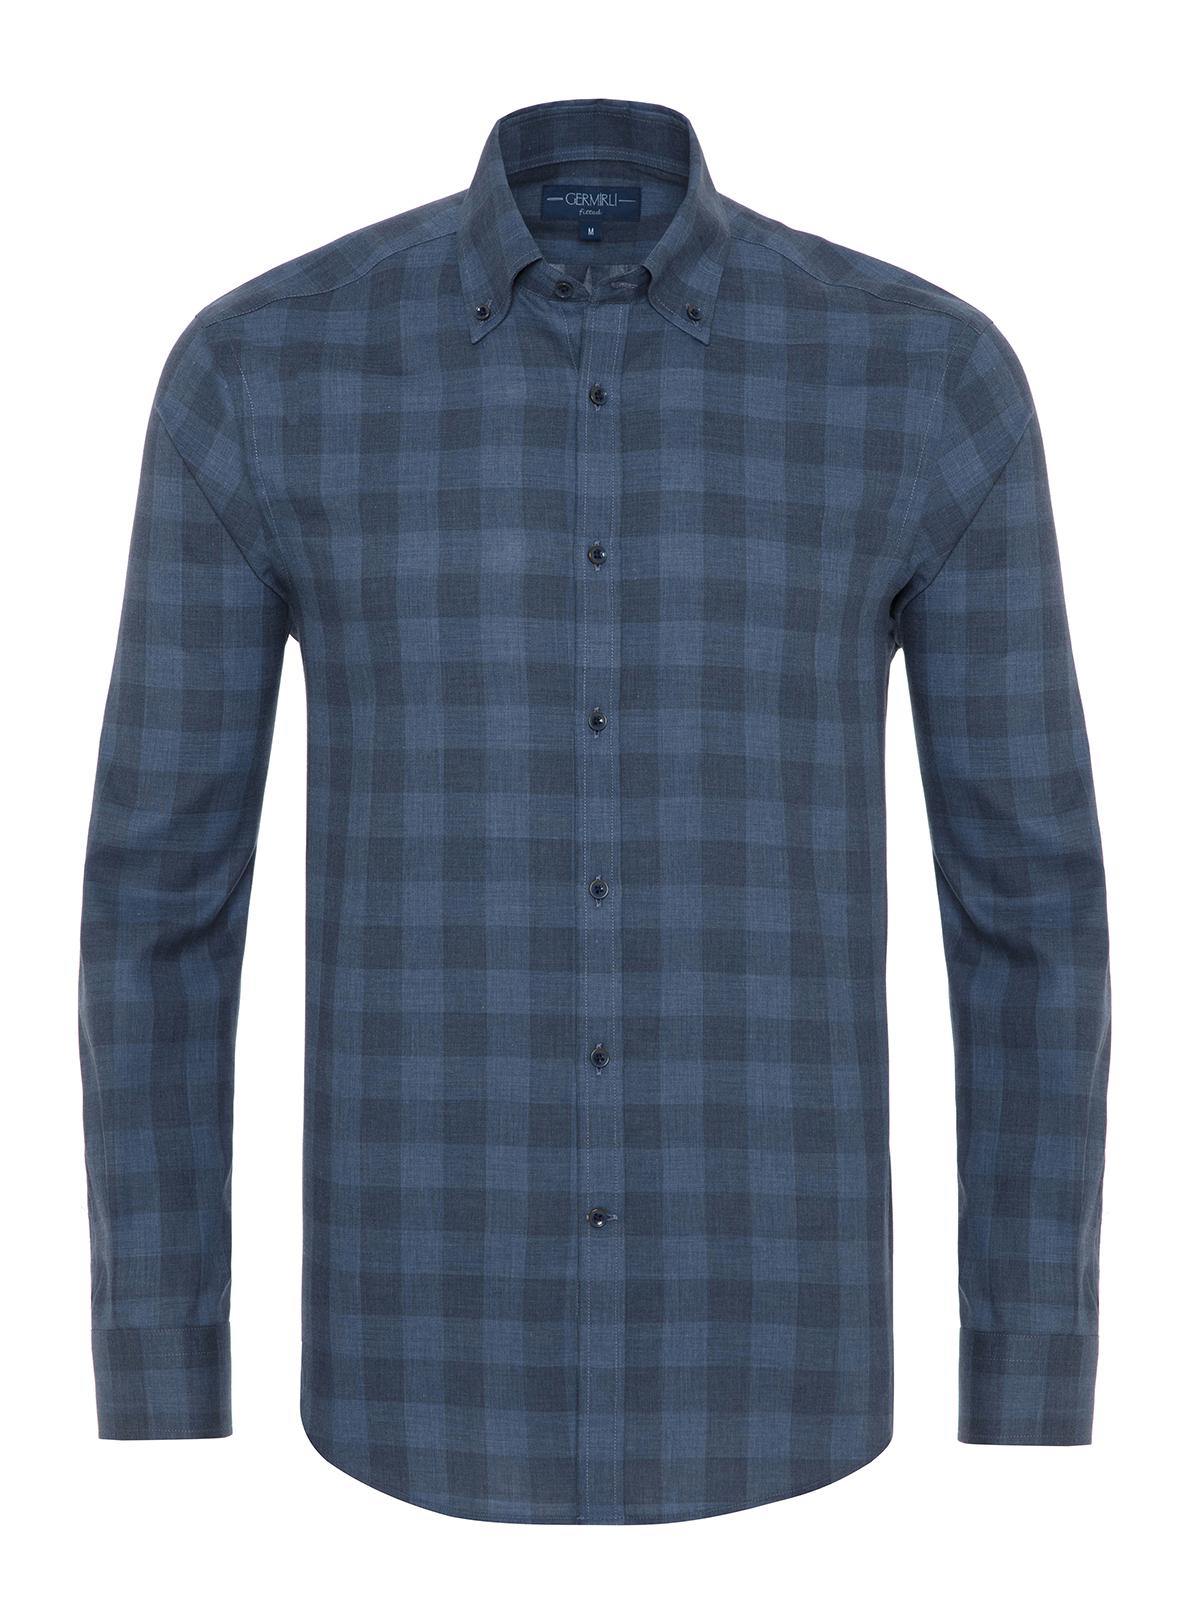 Germirli - Germirli Mavi Koyu Mavi Kareli Düğmeli Yaka Tailor Fit Gömlek